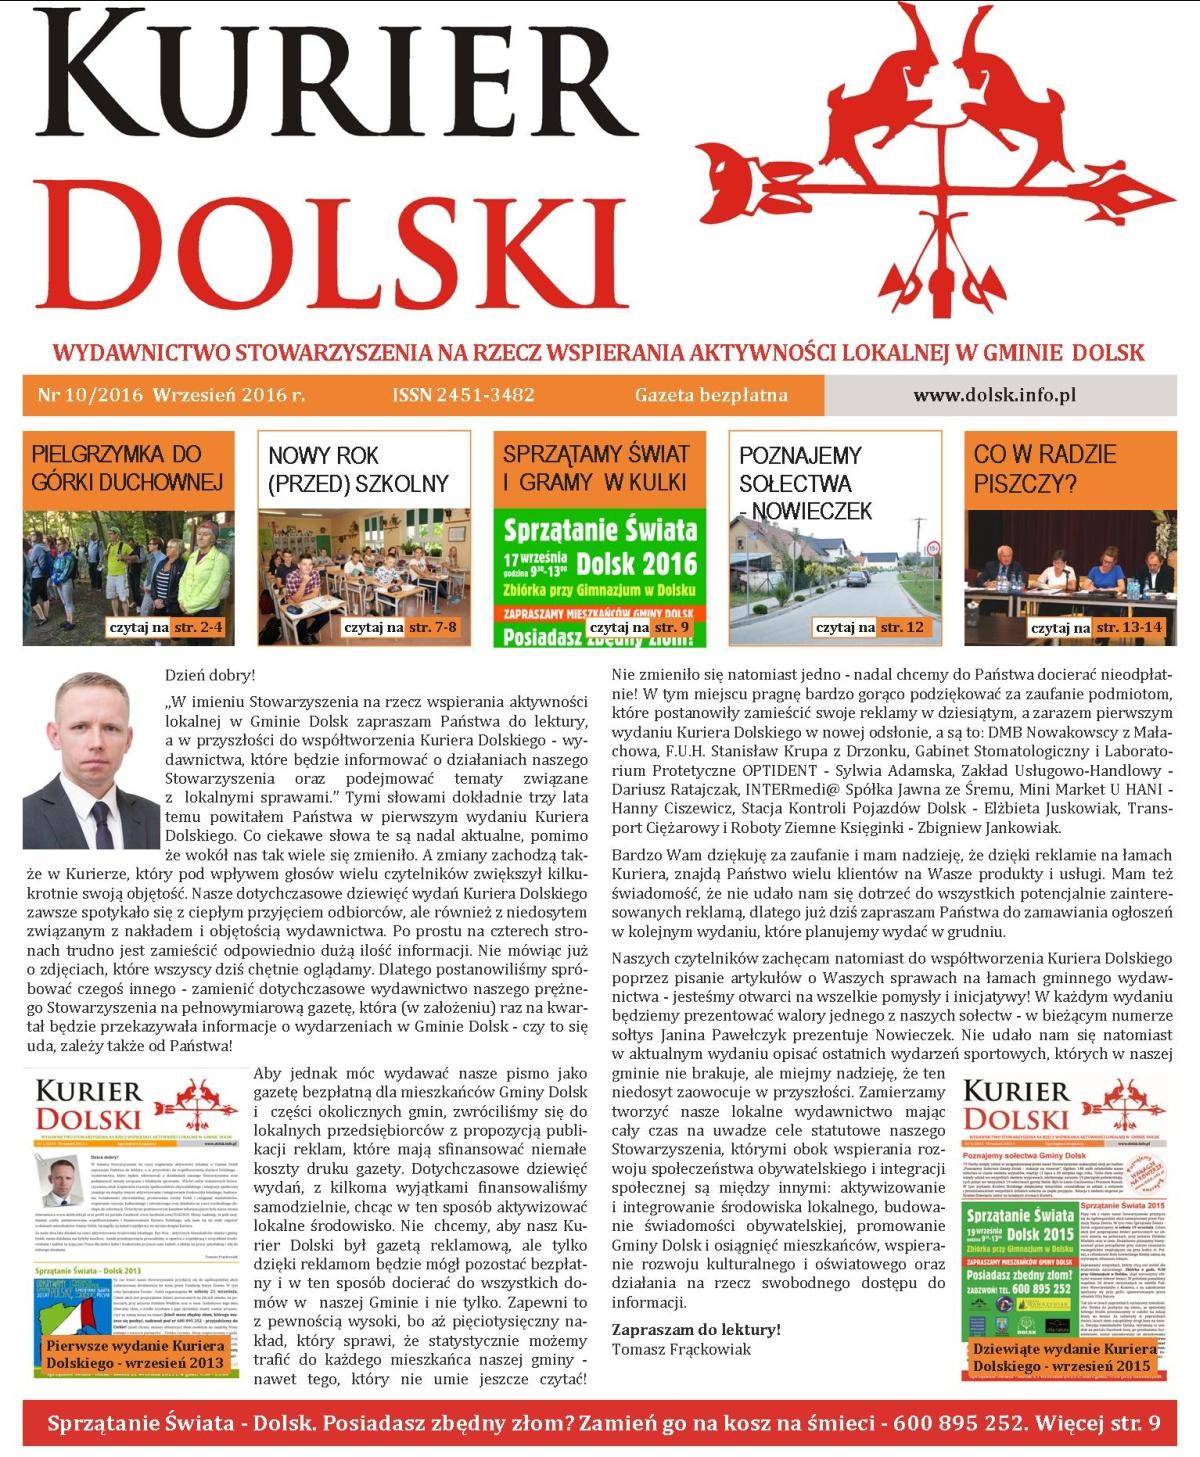 - kurier_dolski_20160914.jpg